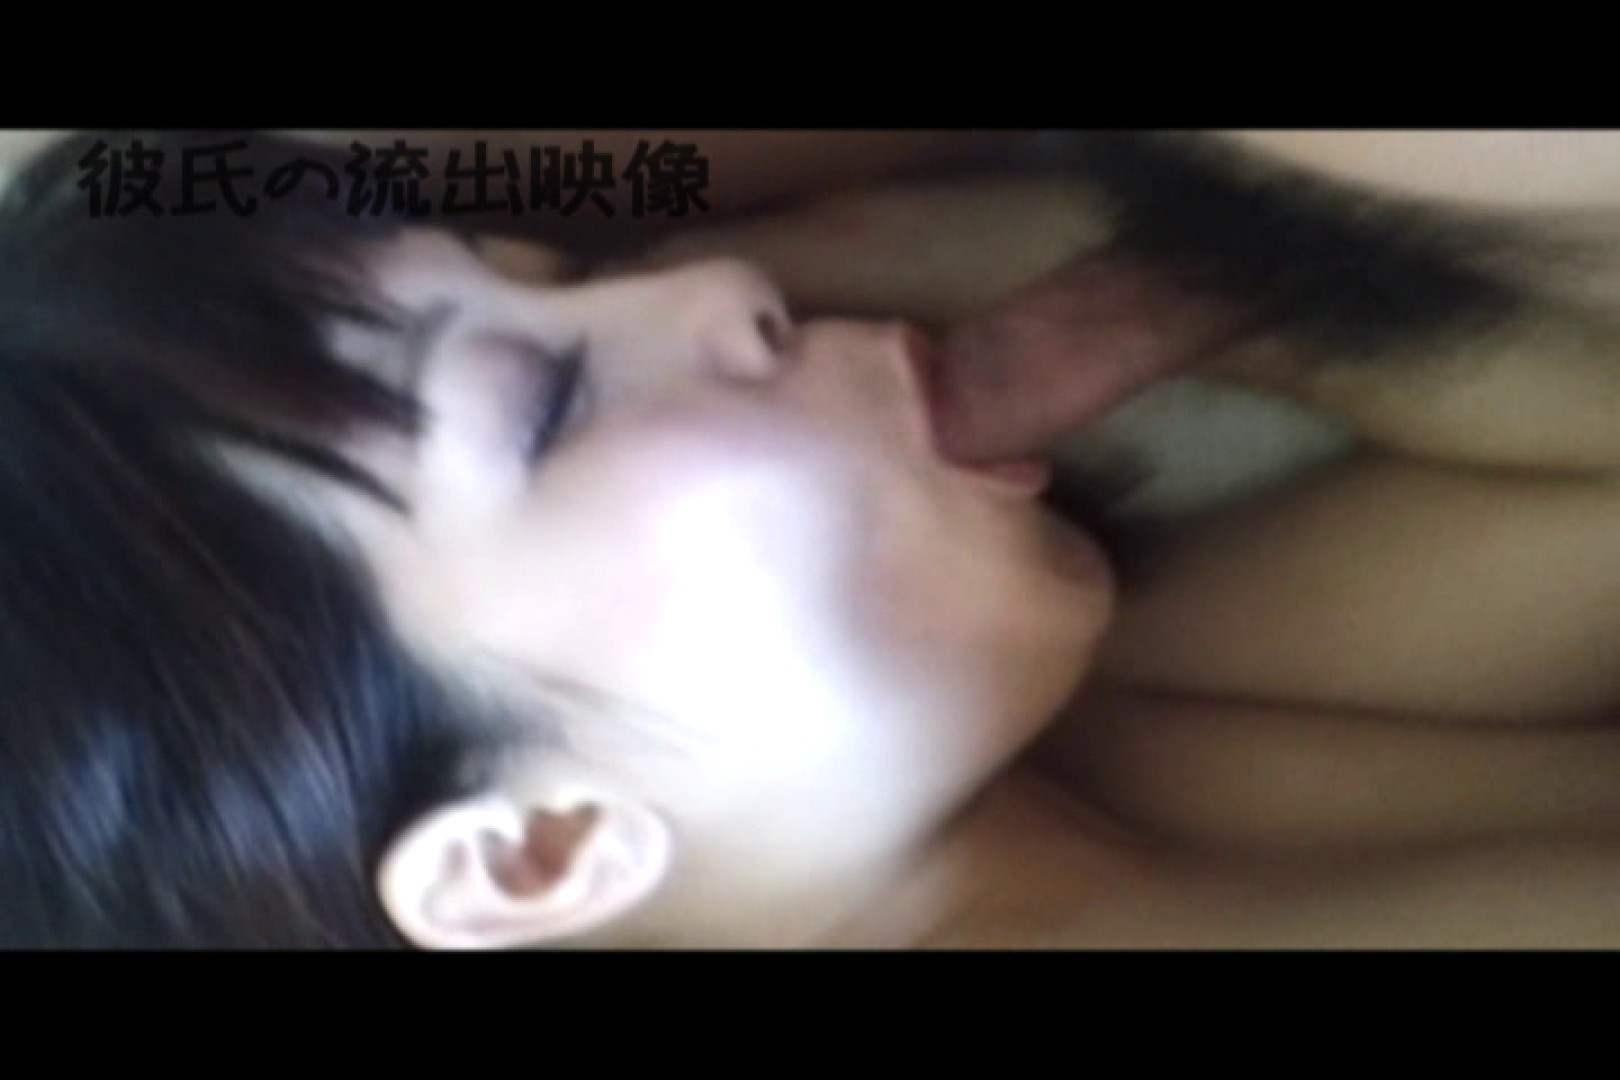 彼氏が流出 パイパン素人嬢のハメ撮り映像03 カップル | 可愛いパイパン  92pic 62